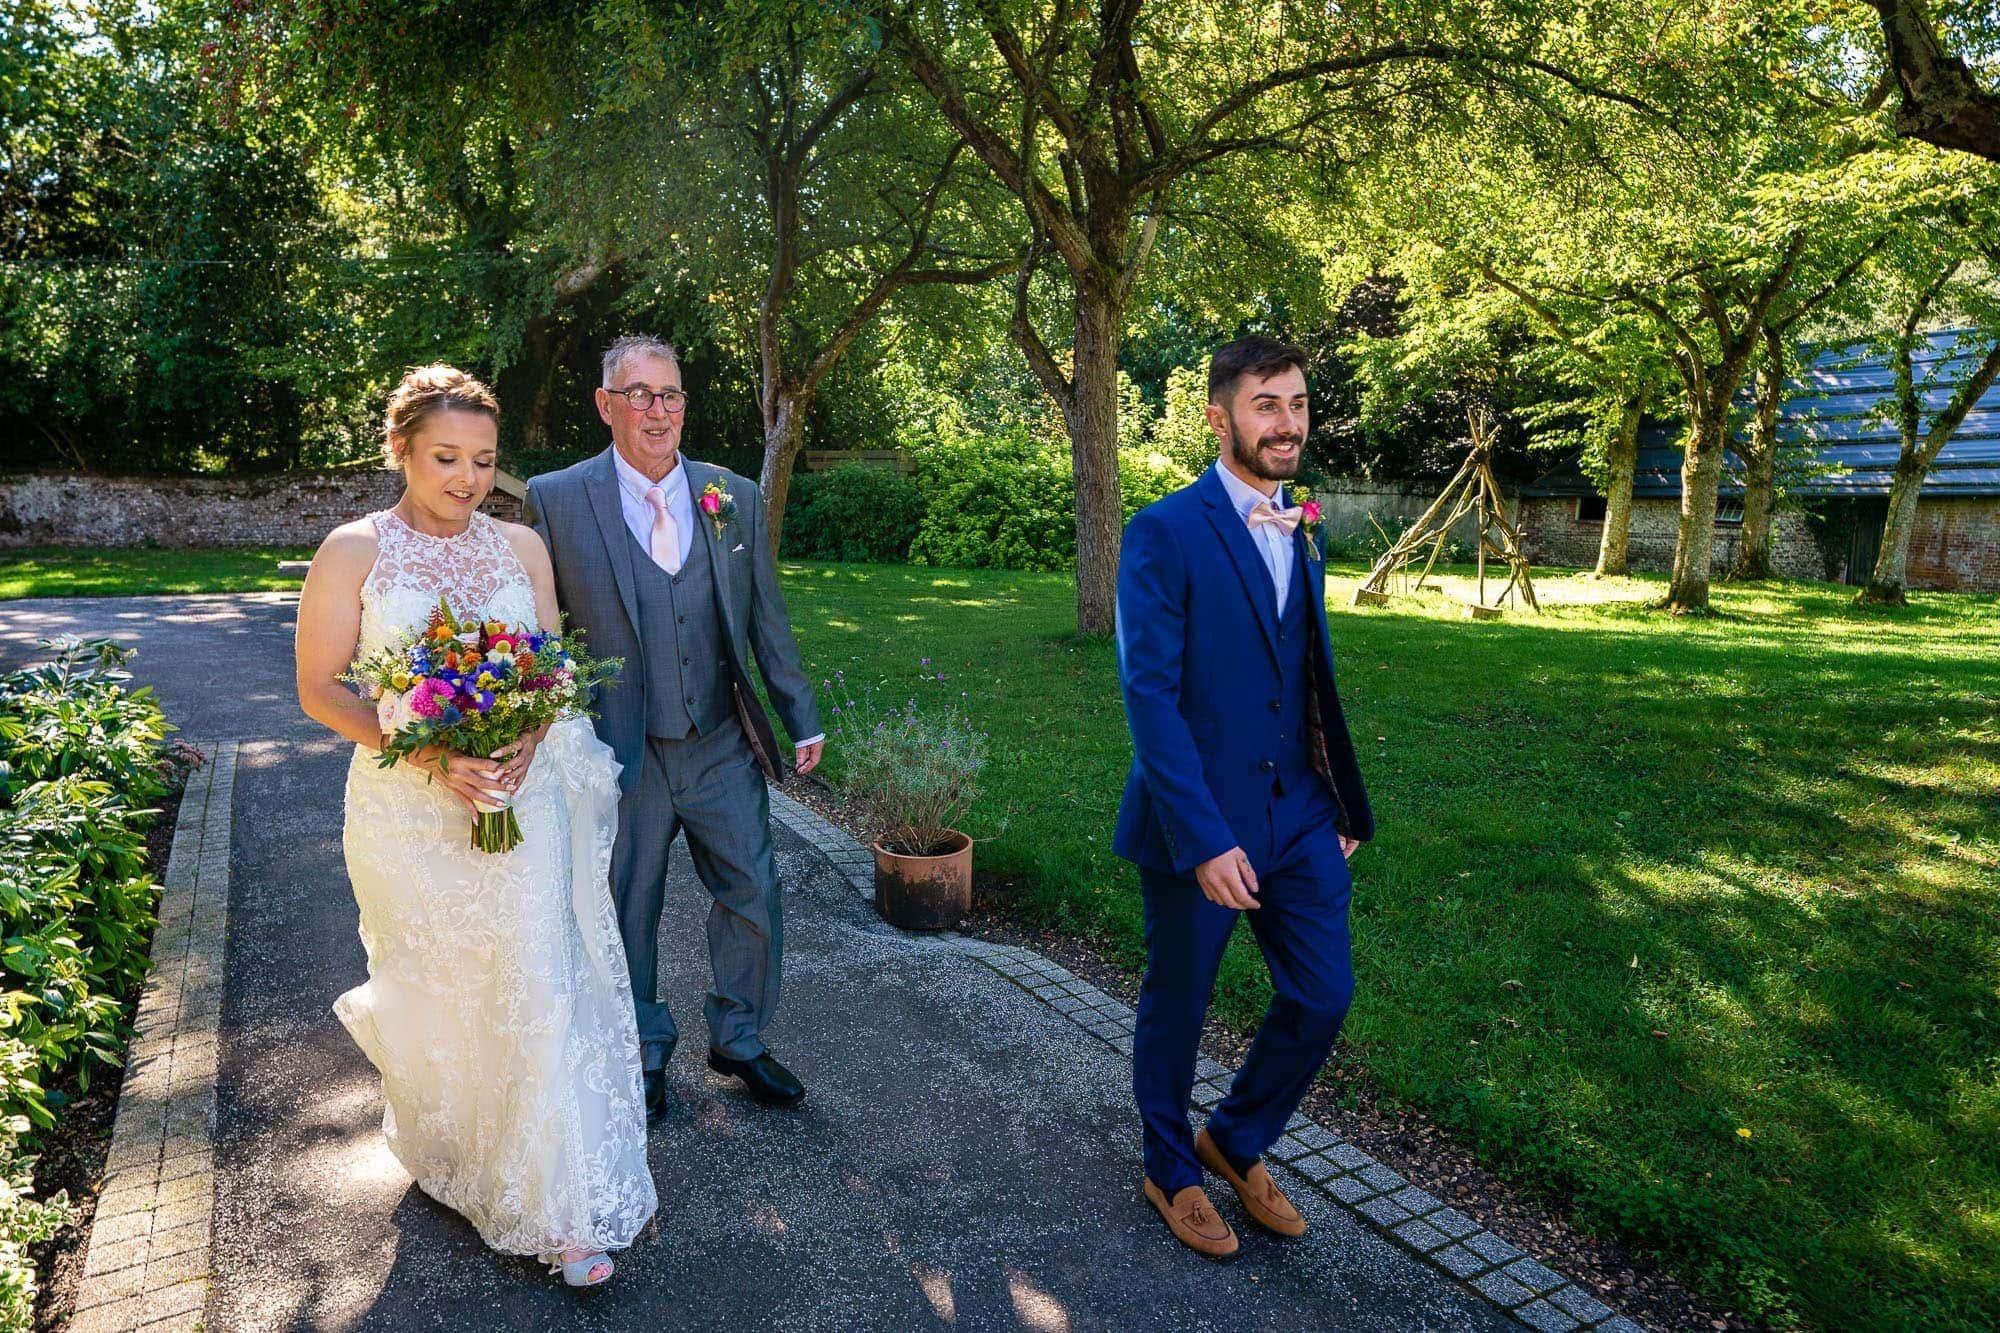 Norton Park Wedding Two Brides 31 9609